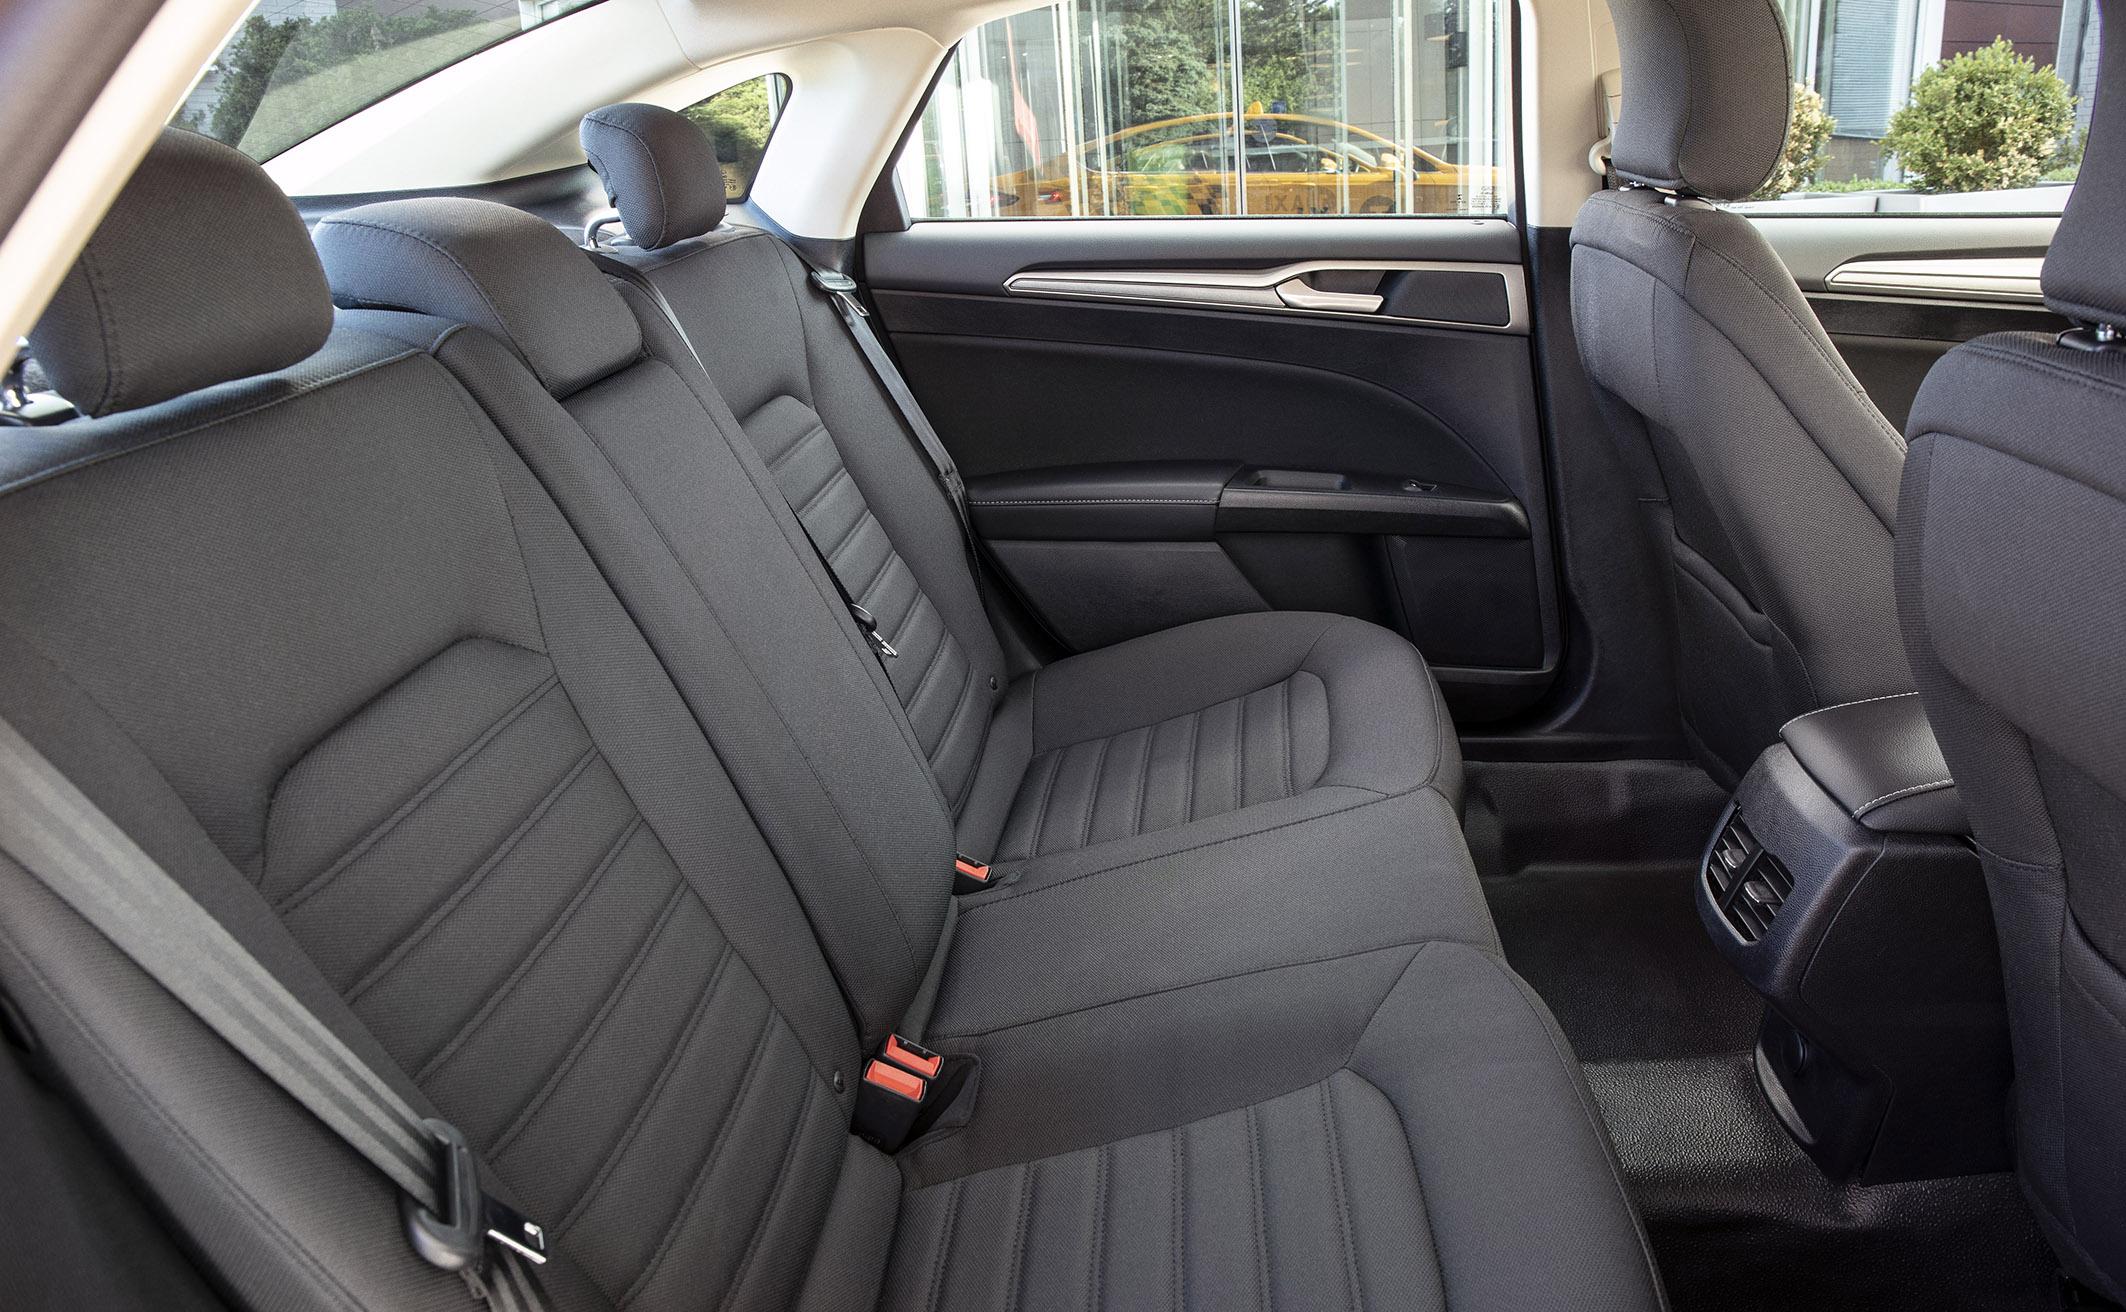 Interior od Ford Fusion modelos híbridos táxi